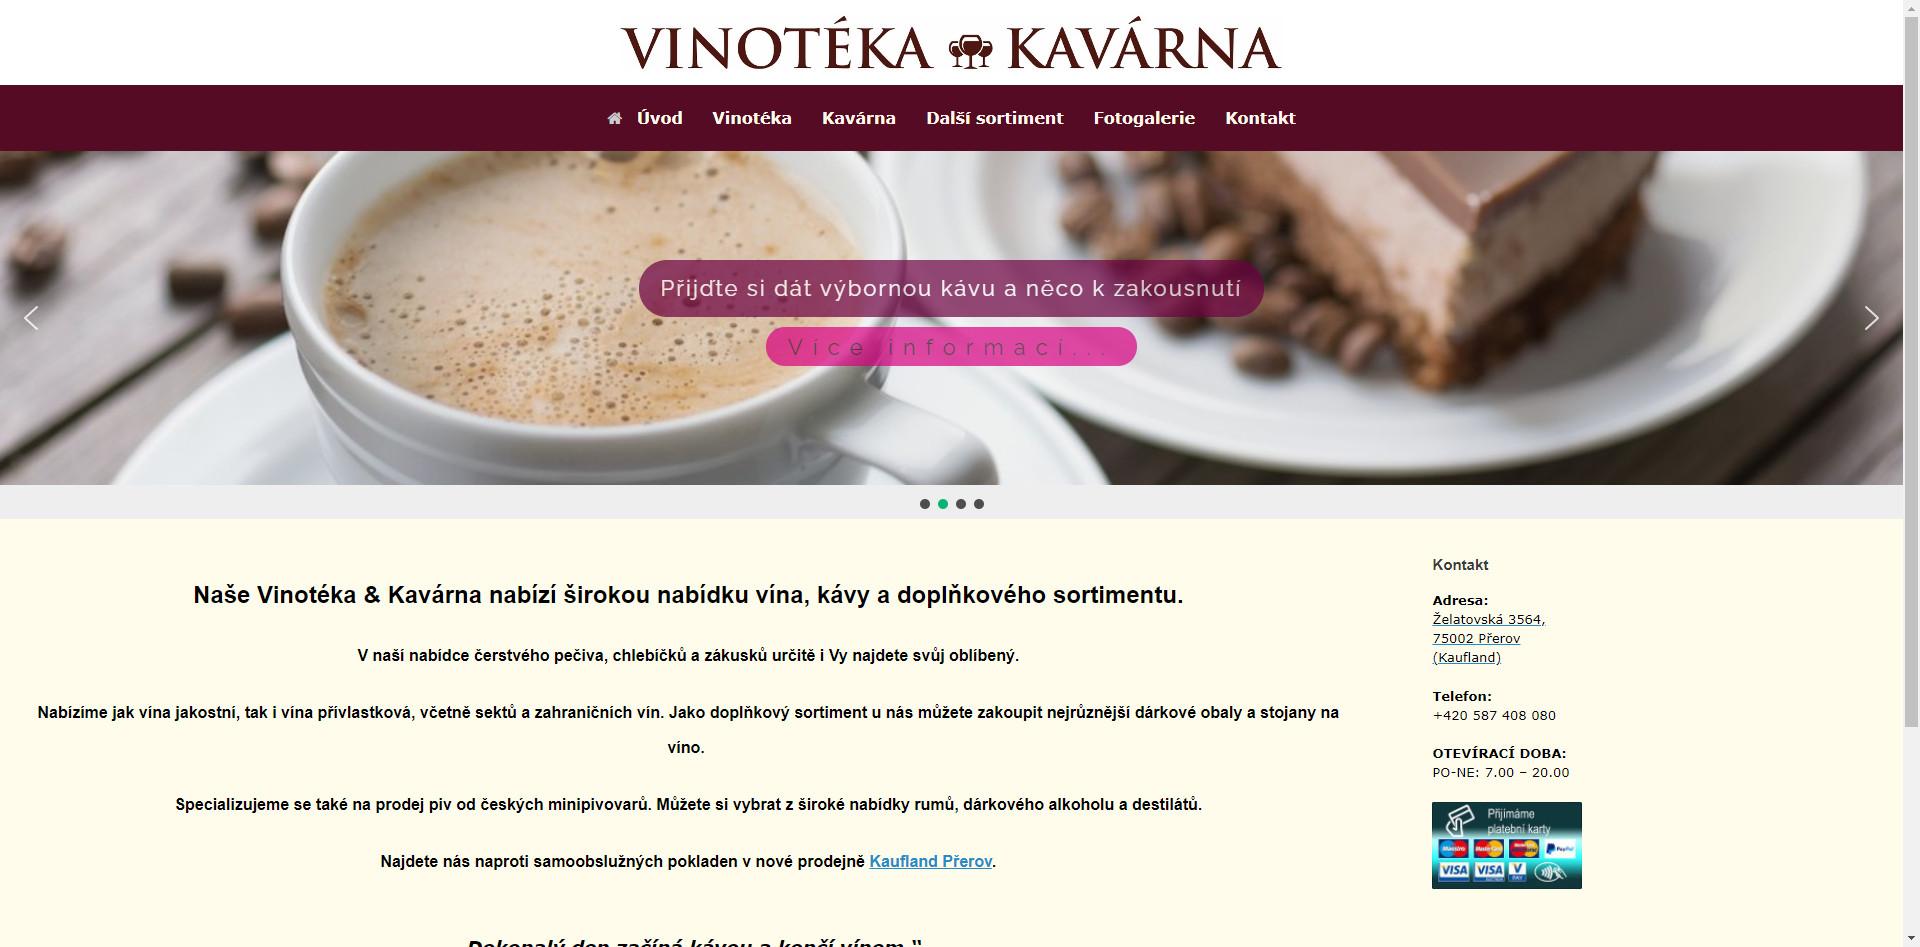 vinotekakavarna